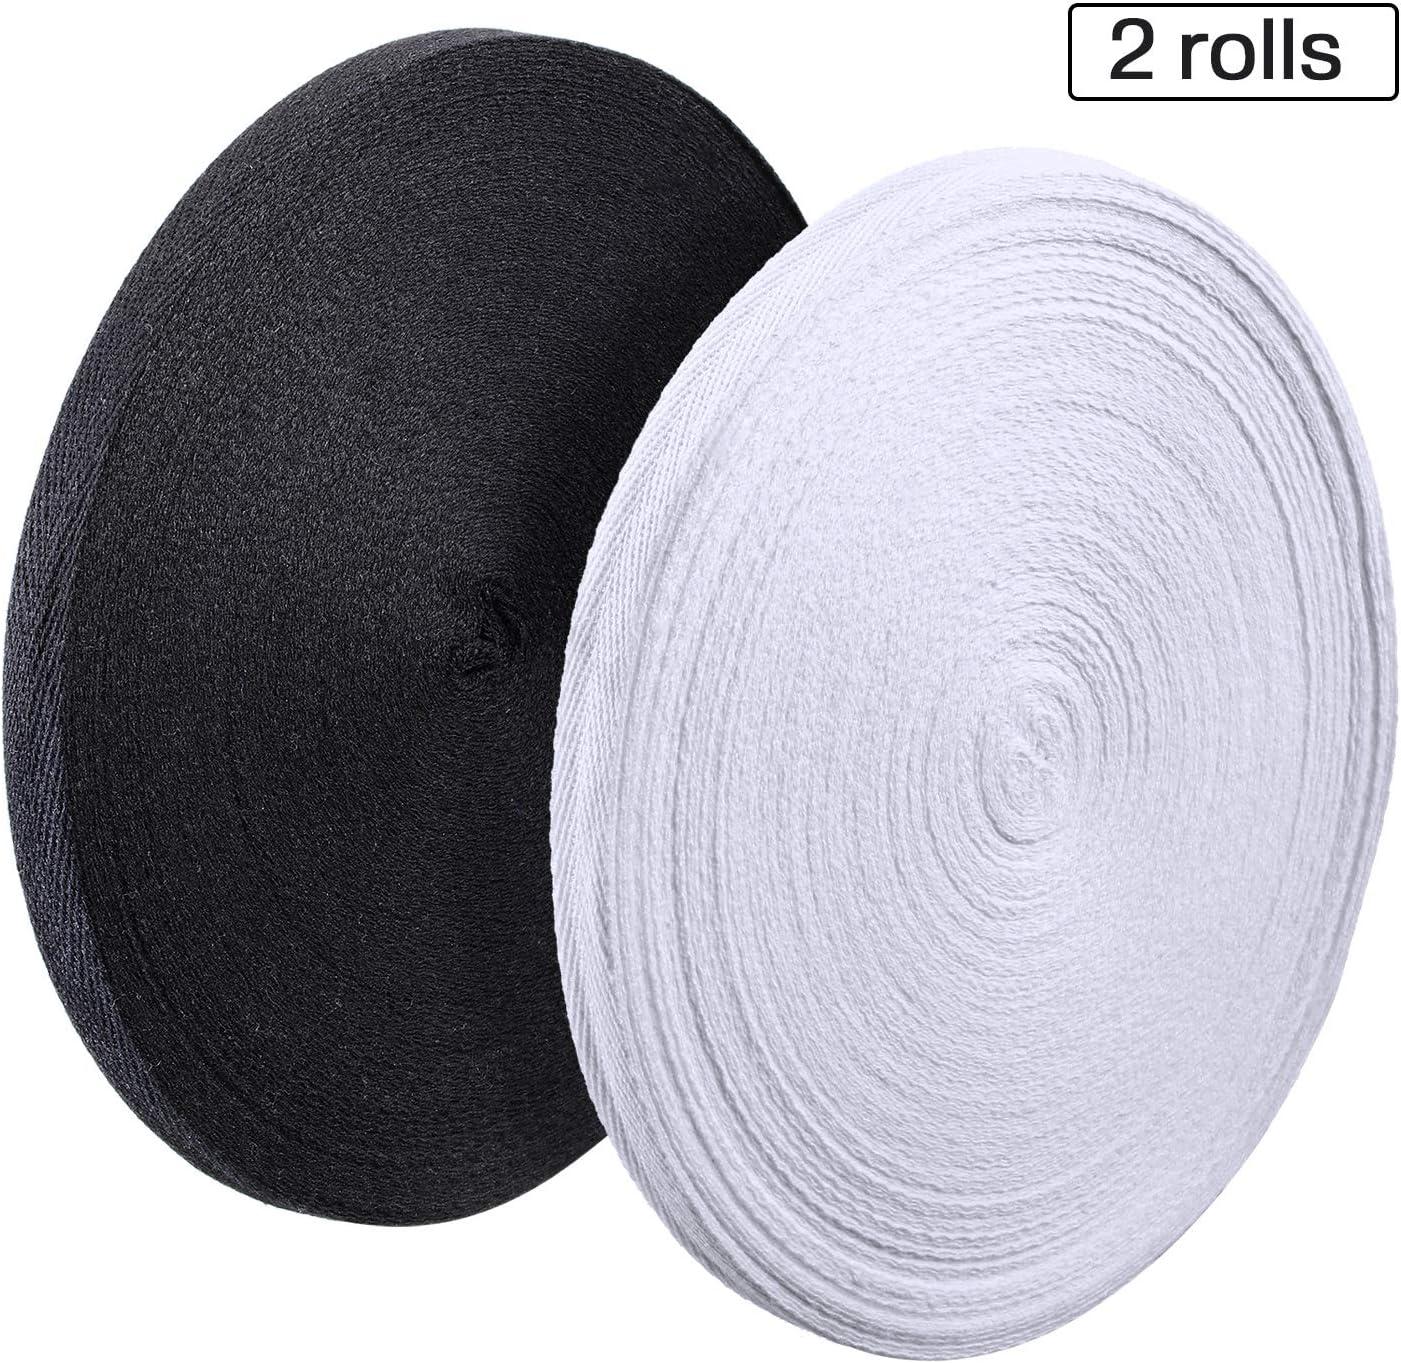 1 pulgada de ancho, 55 yardas cinta de cinta de cinta natural para hacer manualidades y costura Cinta de sarga de algod/ón de espiga